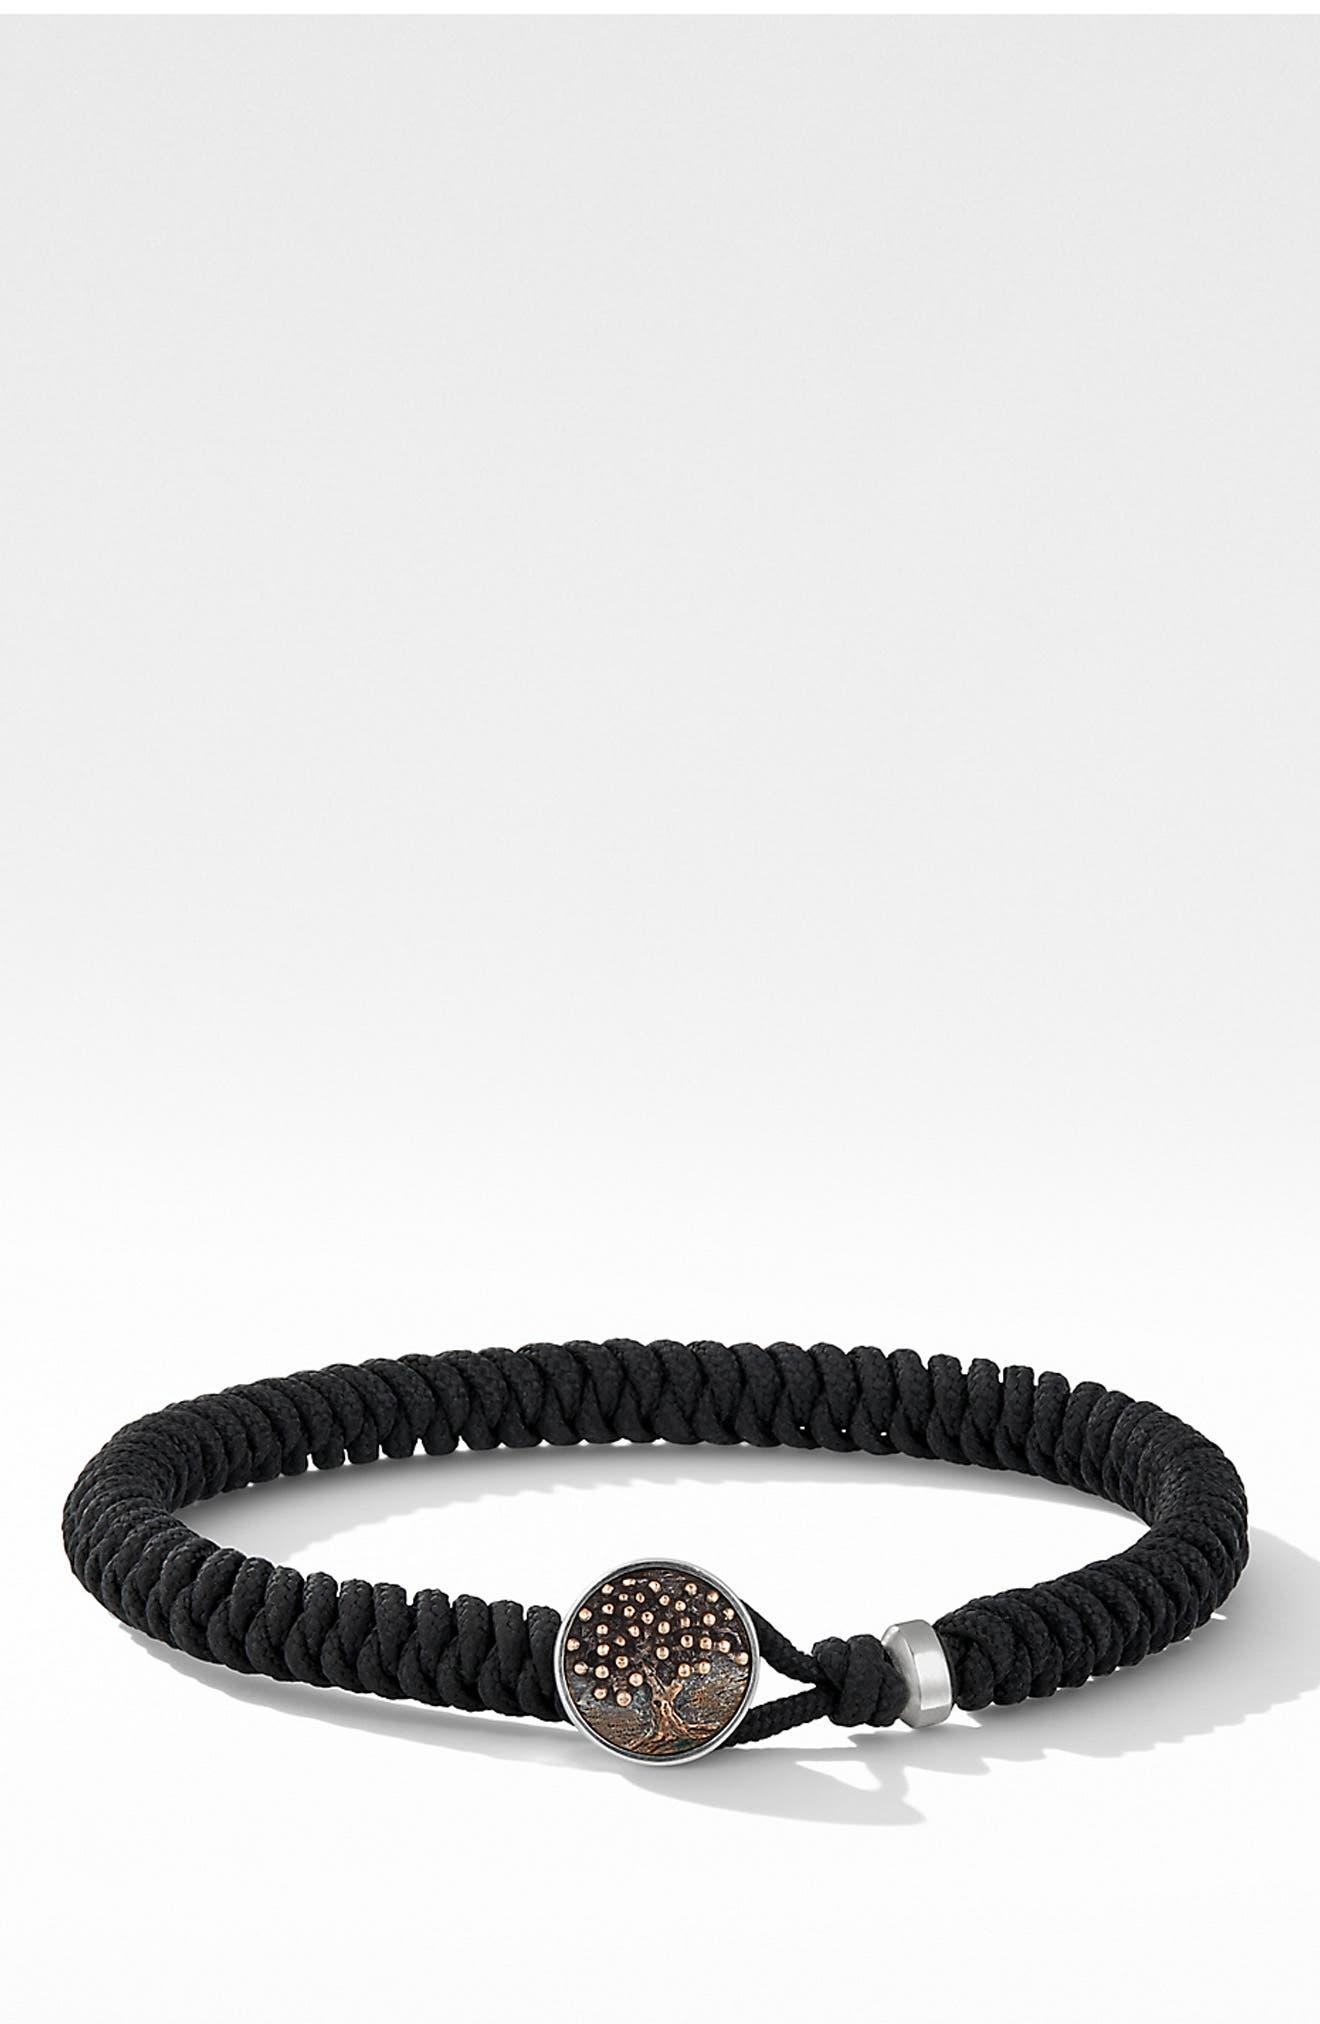 DAVID YURMAN, Woven Tree of Life Bracelet, Main thumbnail 1, color, BLACK